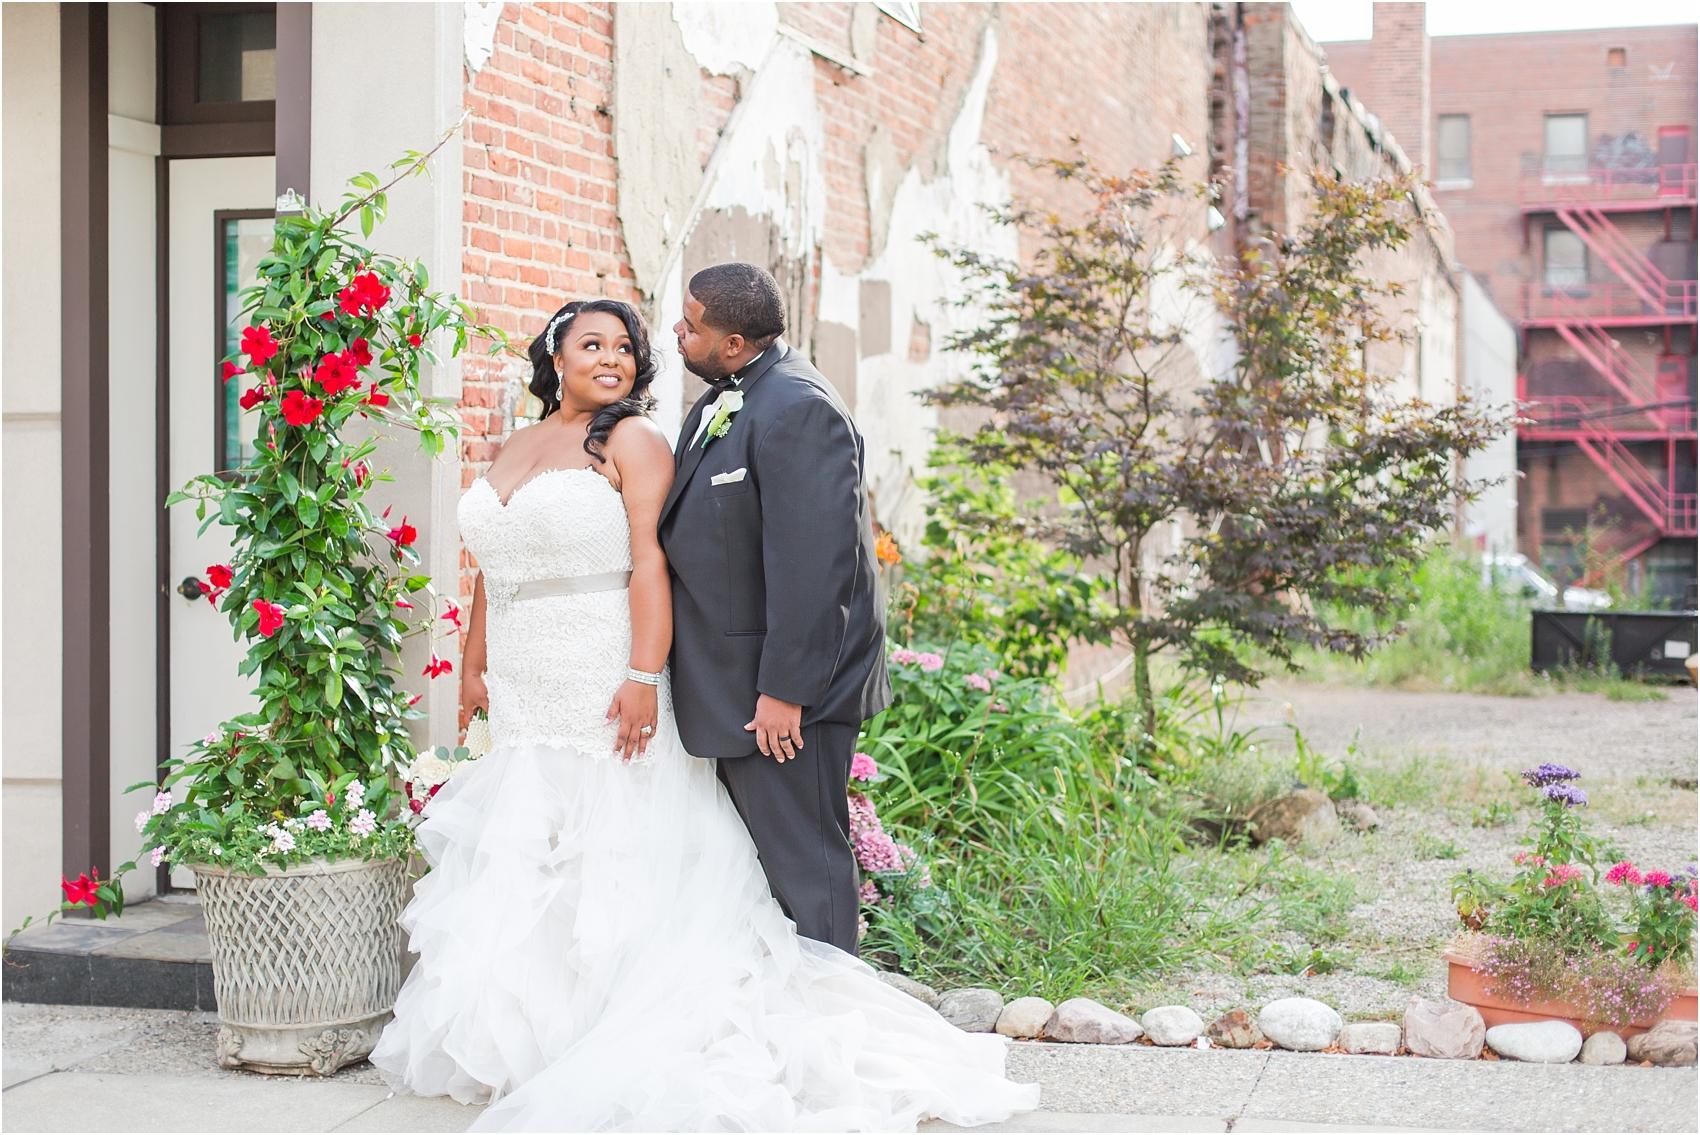 minimalist-and-modern-wedding-photos-at-30-north-saginaw-in-pontiac-michigan-by-courtney-carolyn-photography_0061.jpg